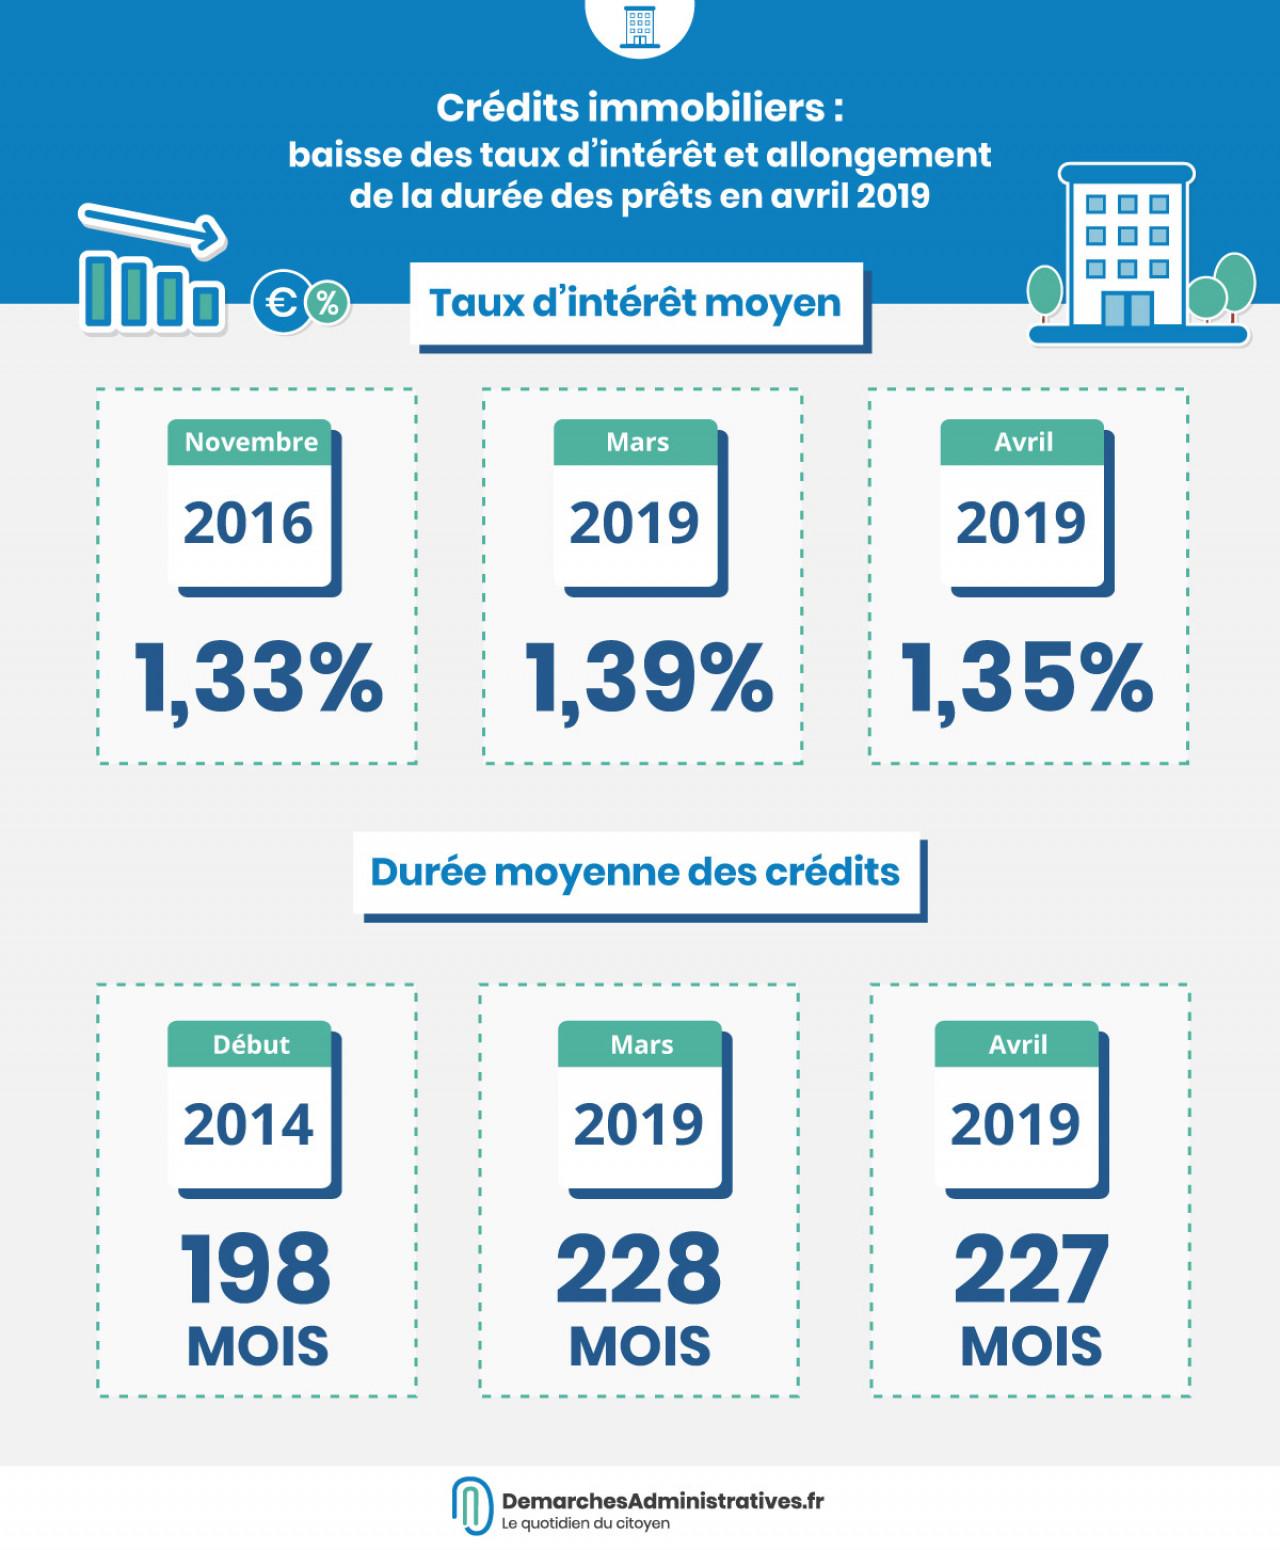 Taux D Interet Des Credits Immobiliers En Baisse En Avril